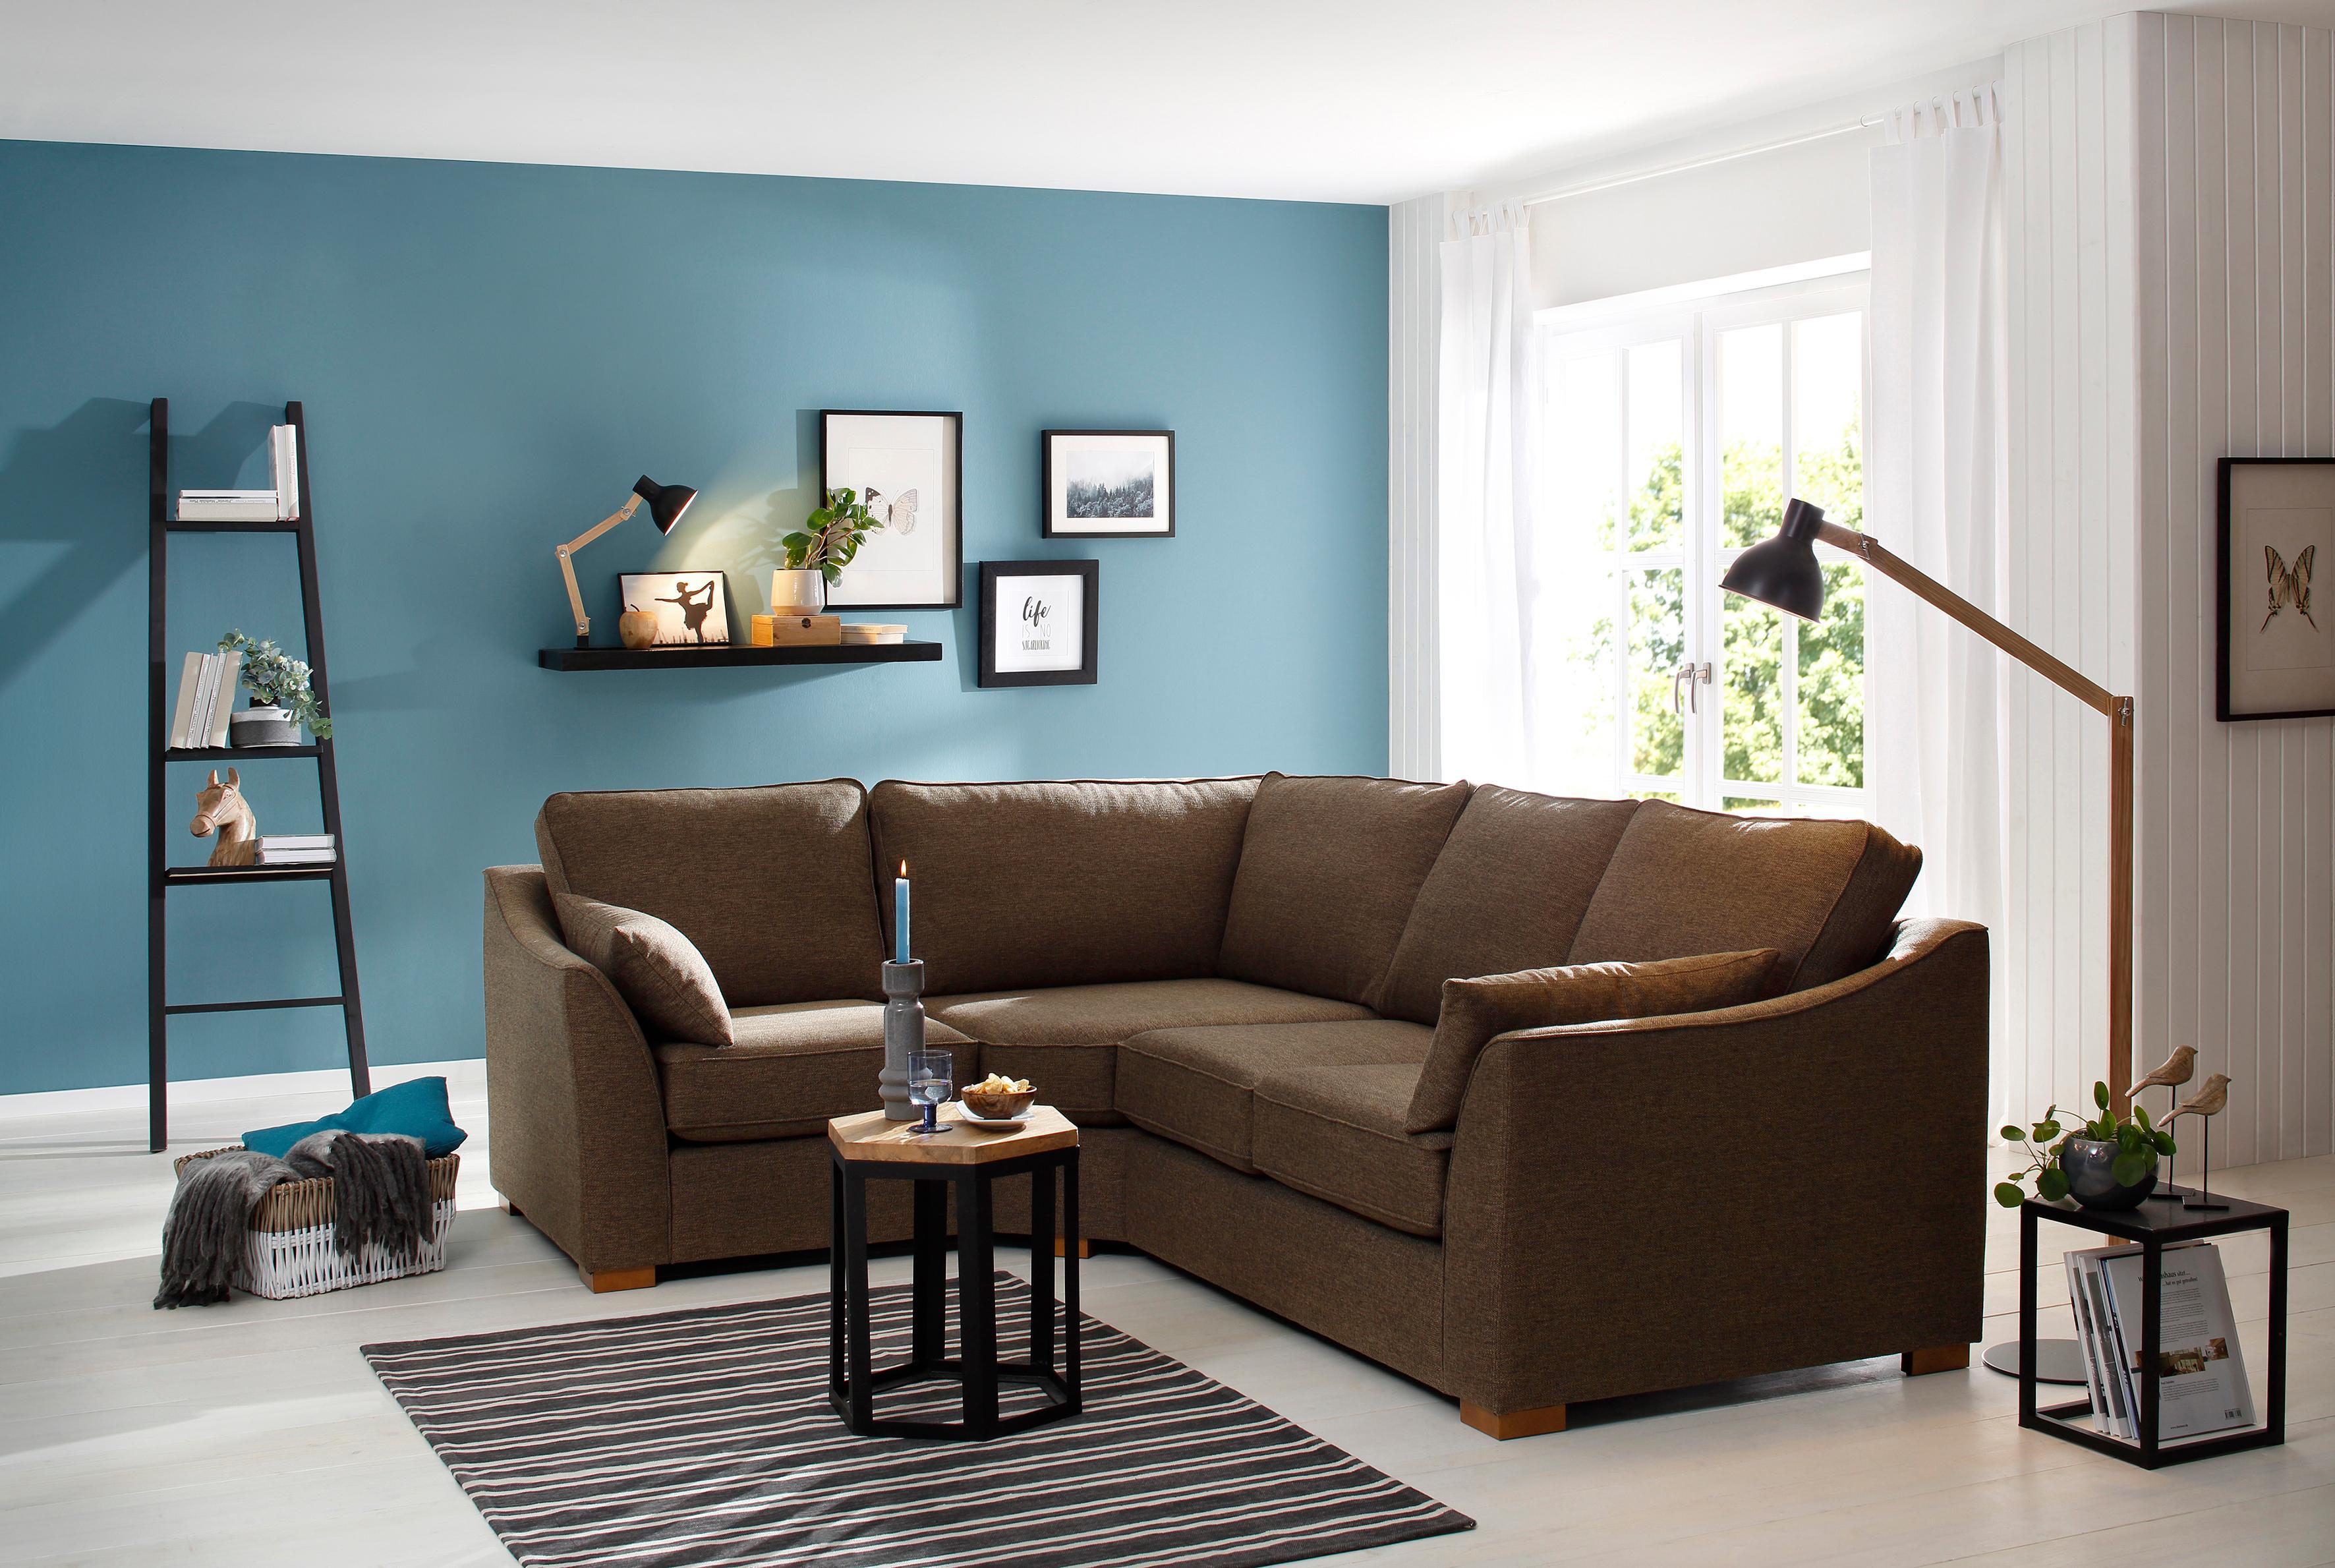 home affaire ecksofa clemente auf rechnung bestellen baur. Black Bedroom Furniture Sets. Home Design Ideas